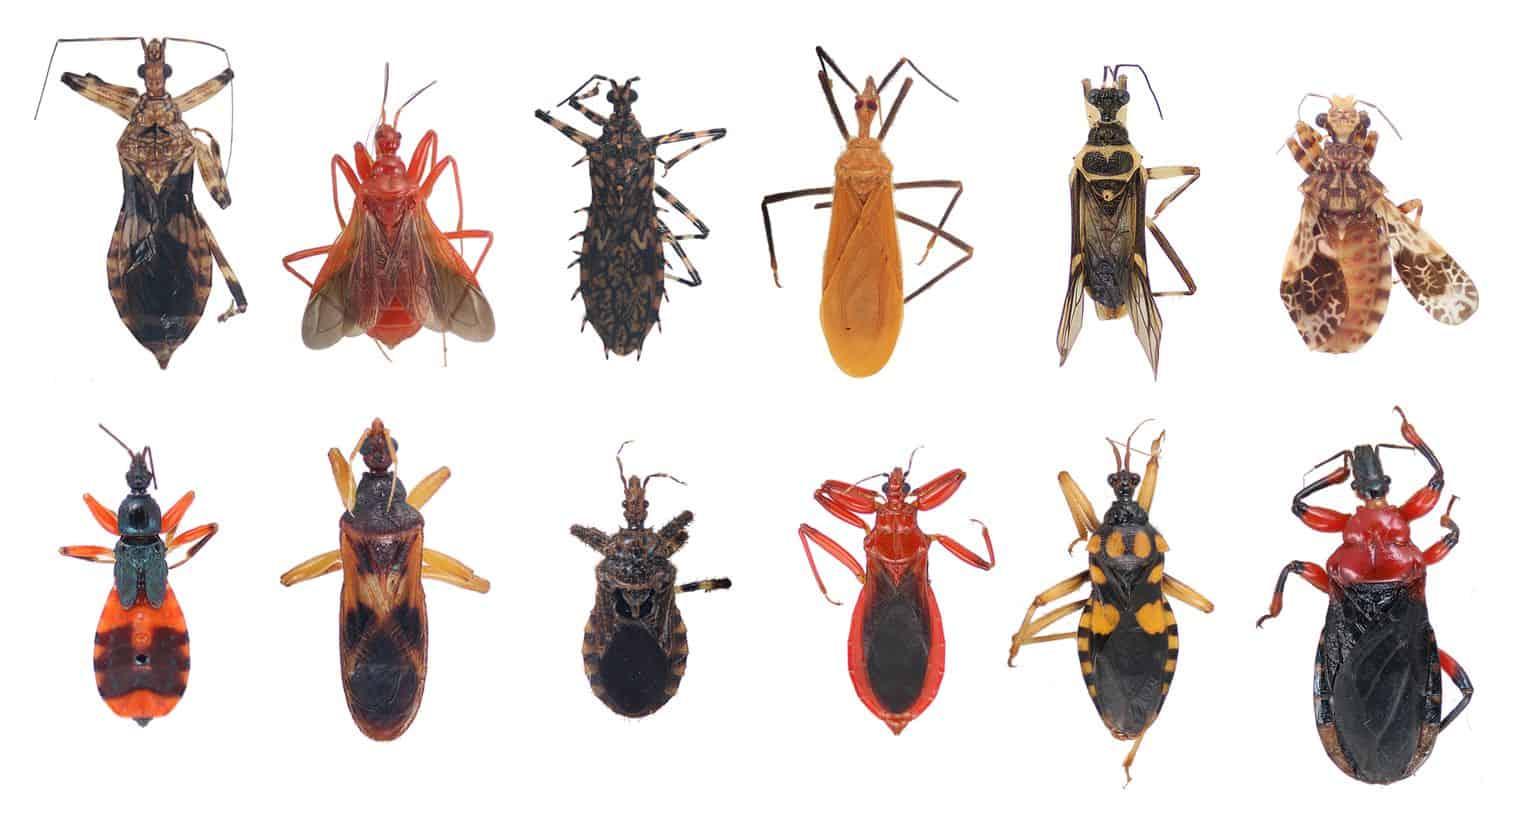 Tipos de Insectos Asesino — 8 Guía de Tipos Principales